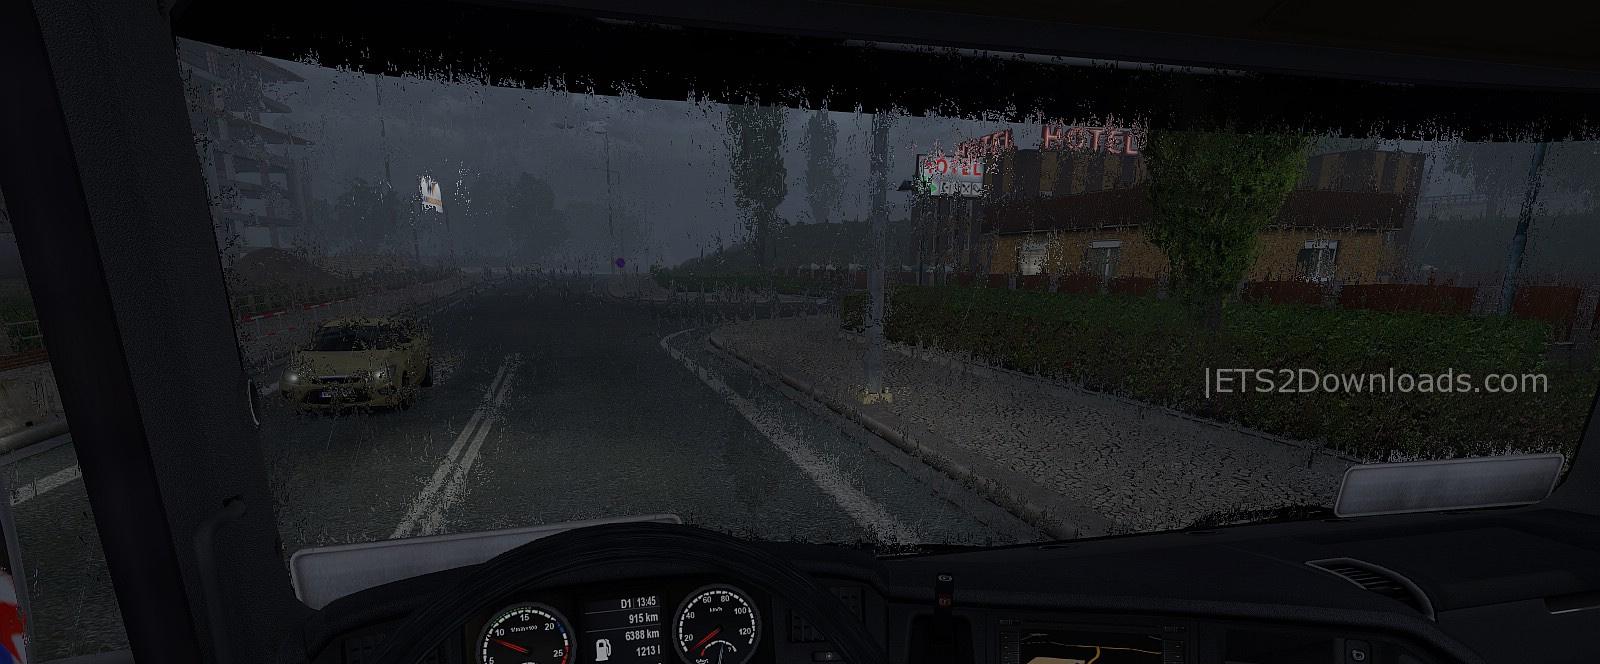 realistic-rain-drops-1